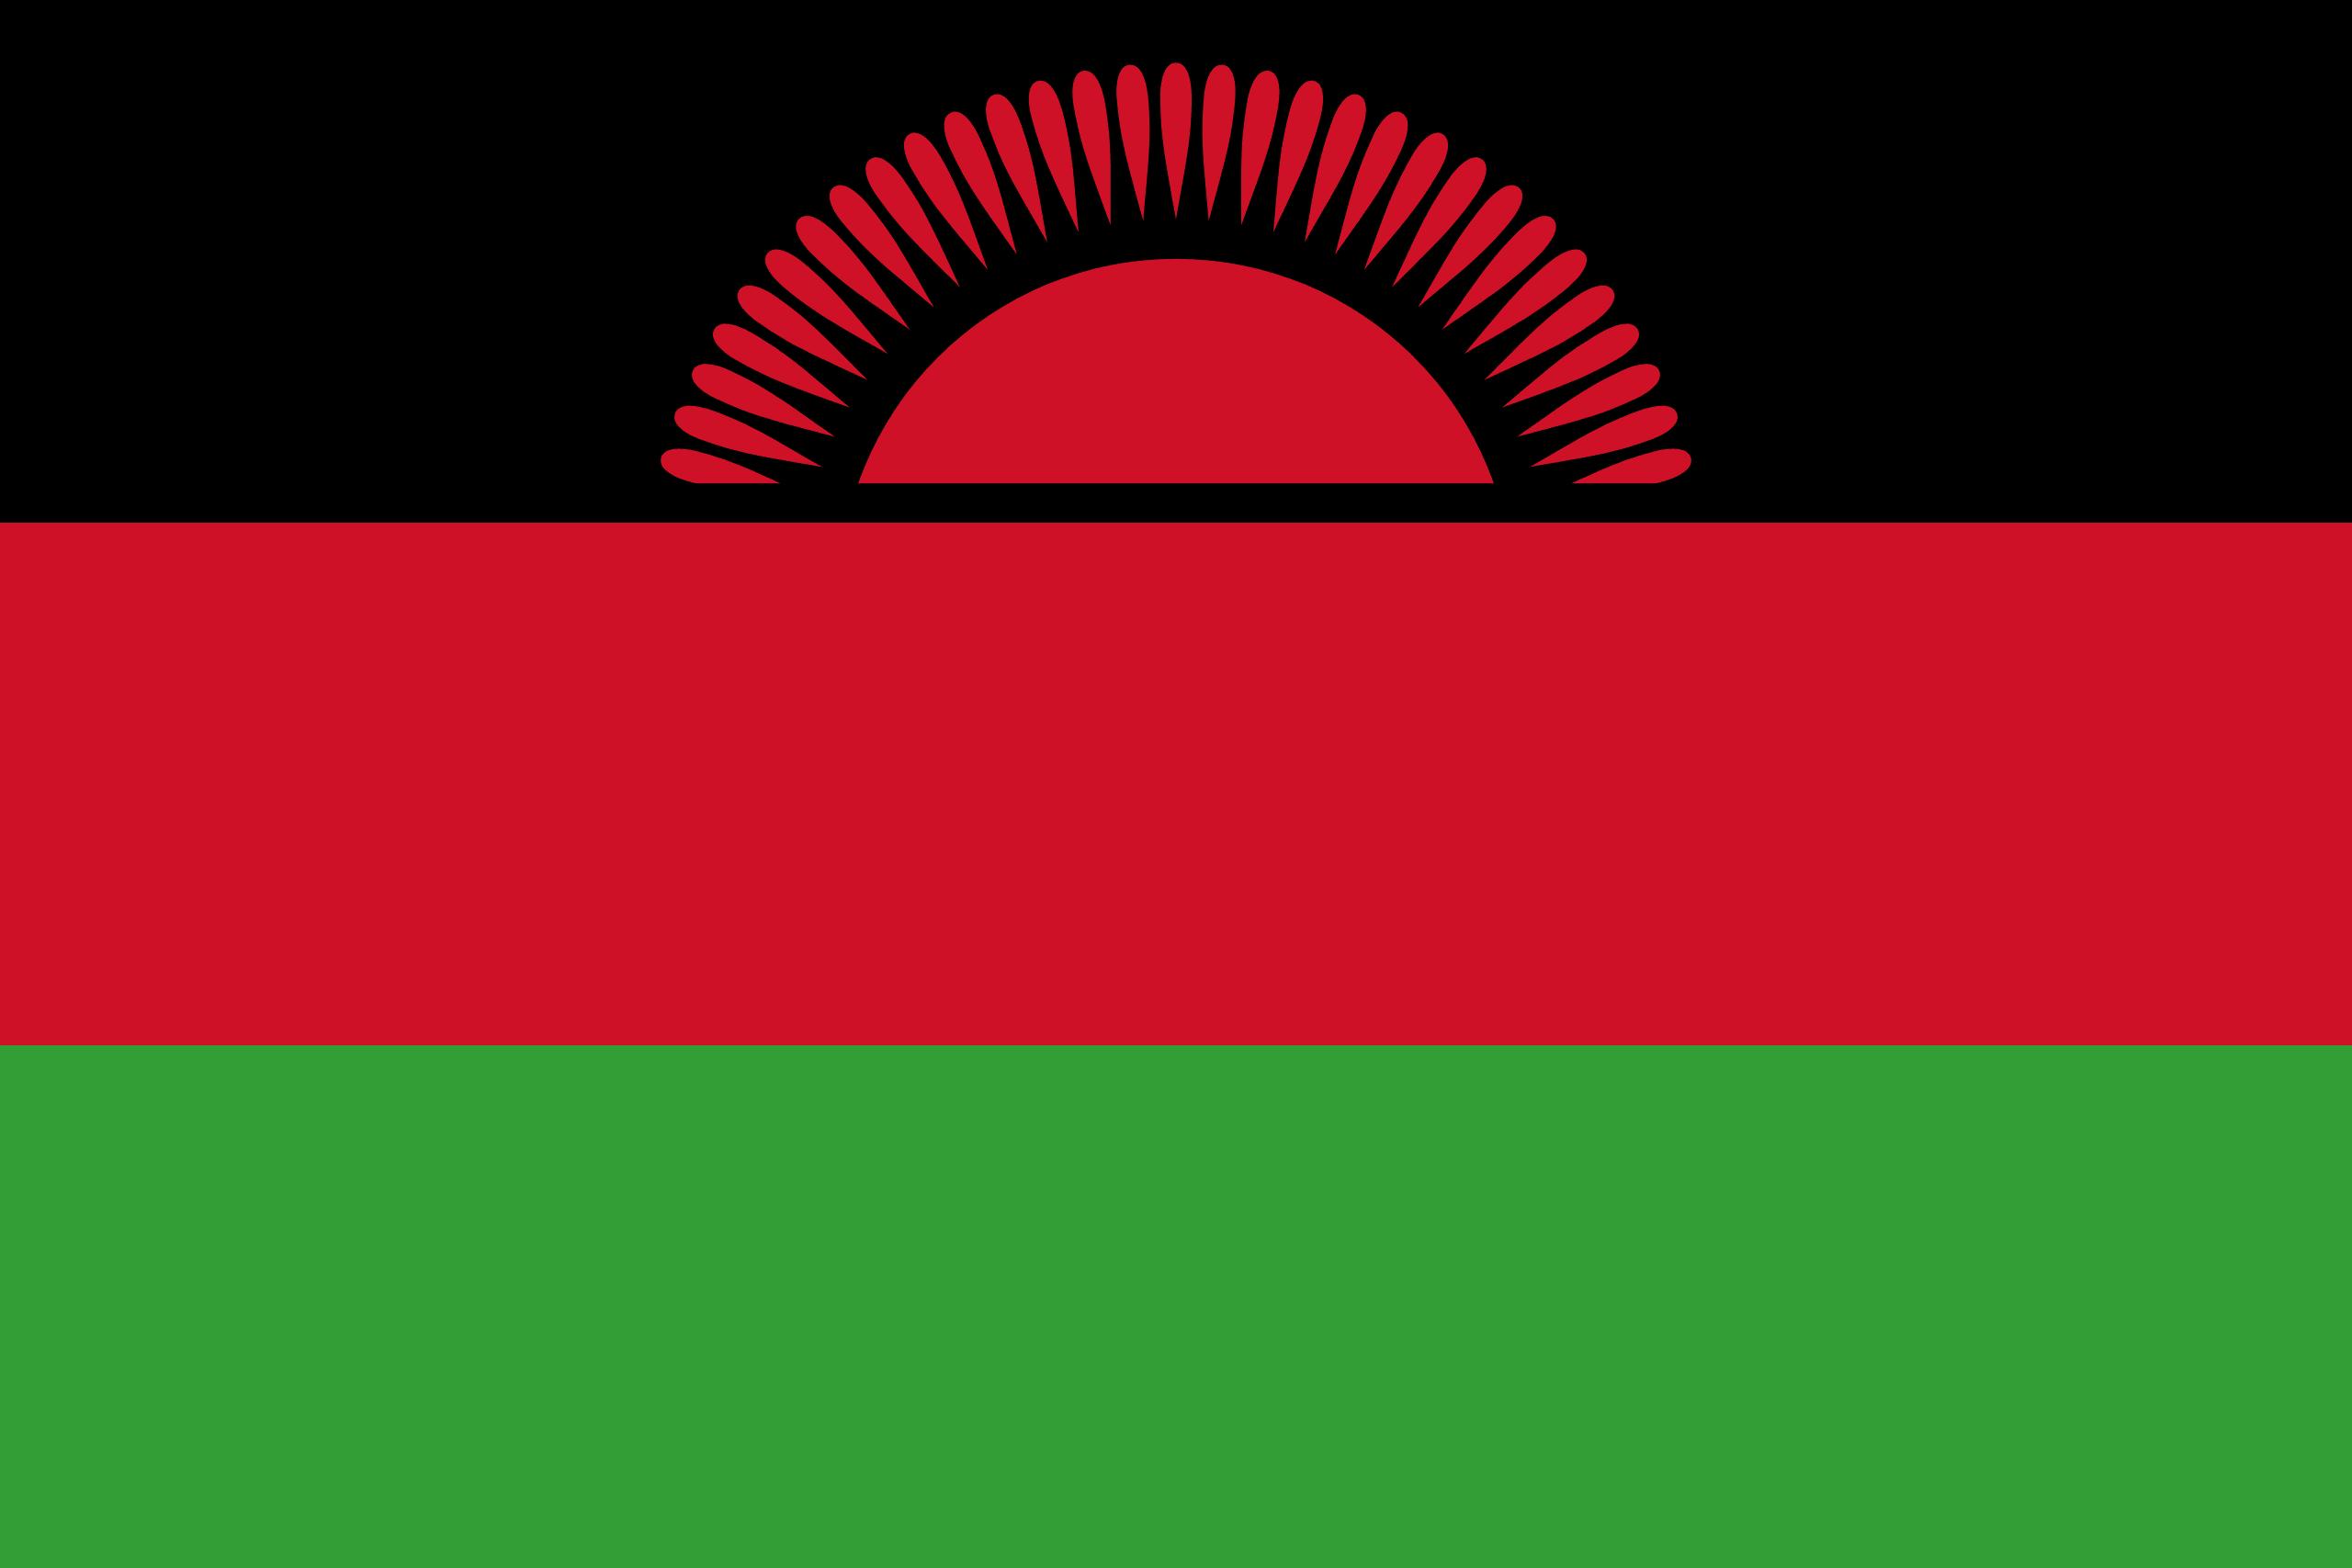 Malavi'nin Başkenti ve Para Birimi Nedir? Malavi'nin Bayrağı Nasıldır?